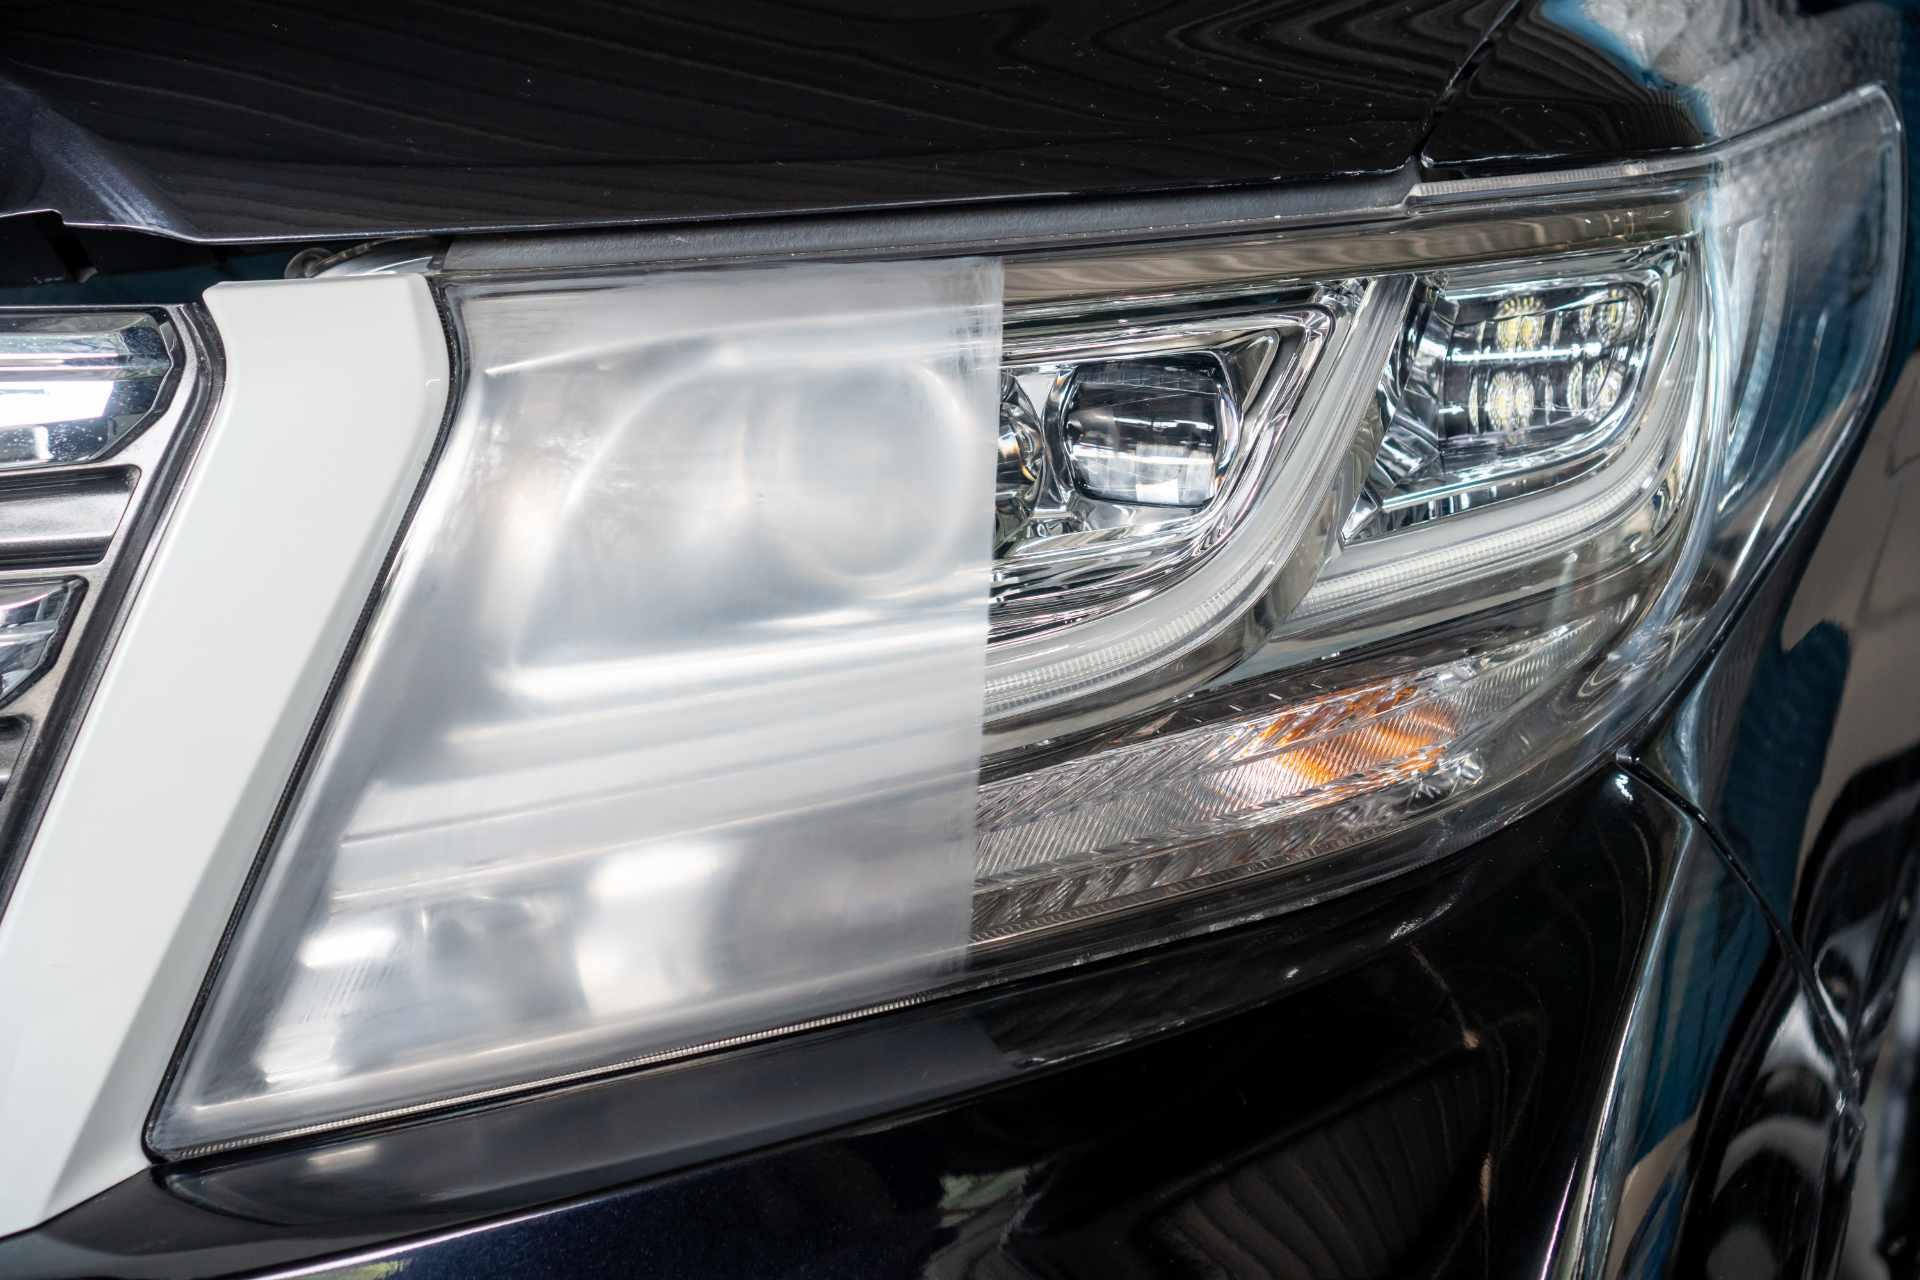 Regeneracja reflektorów: jak zrobić to dobrze i w dobrej cenie?